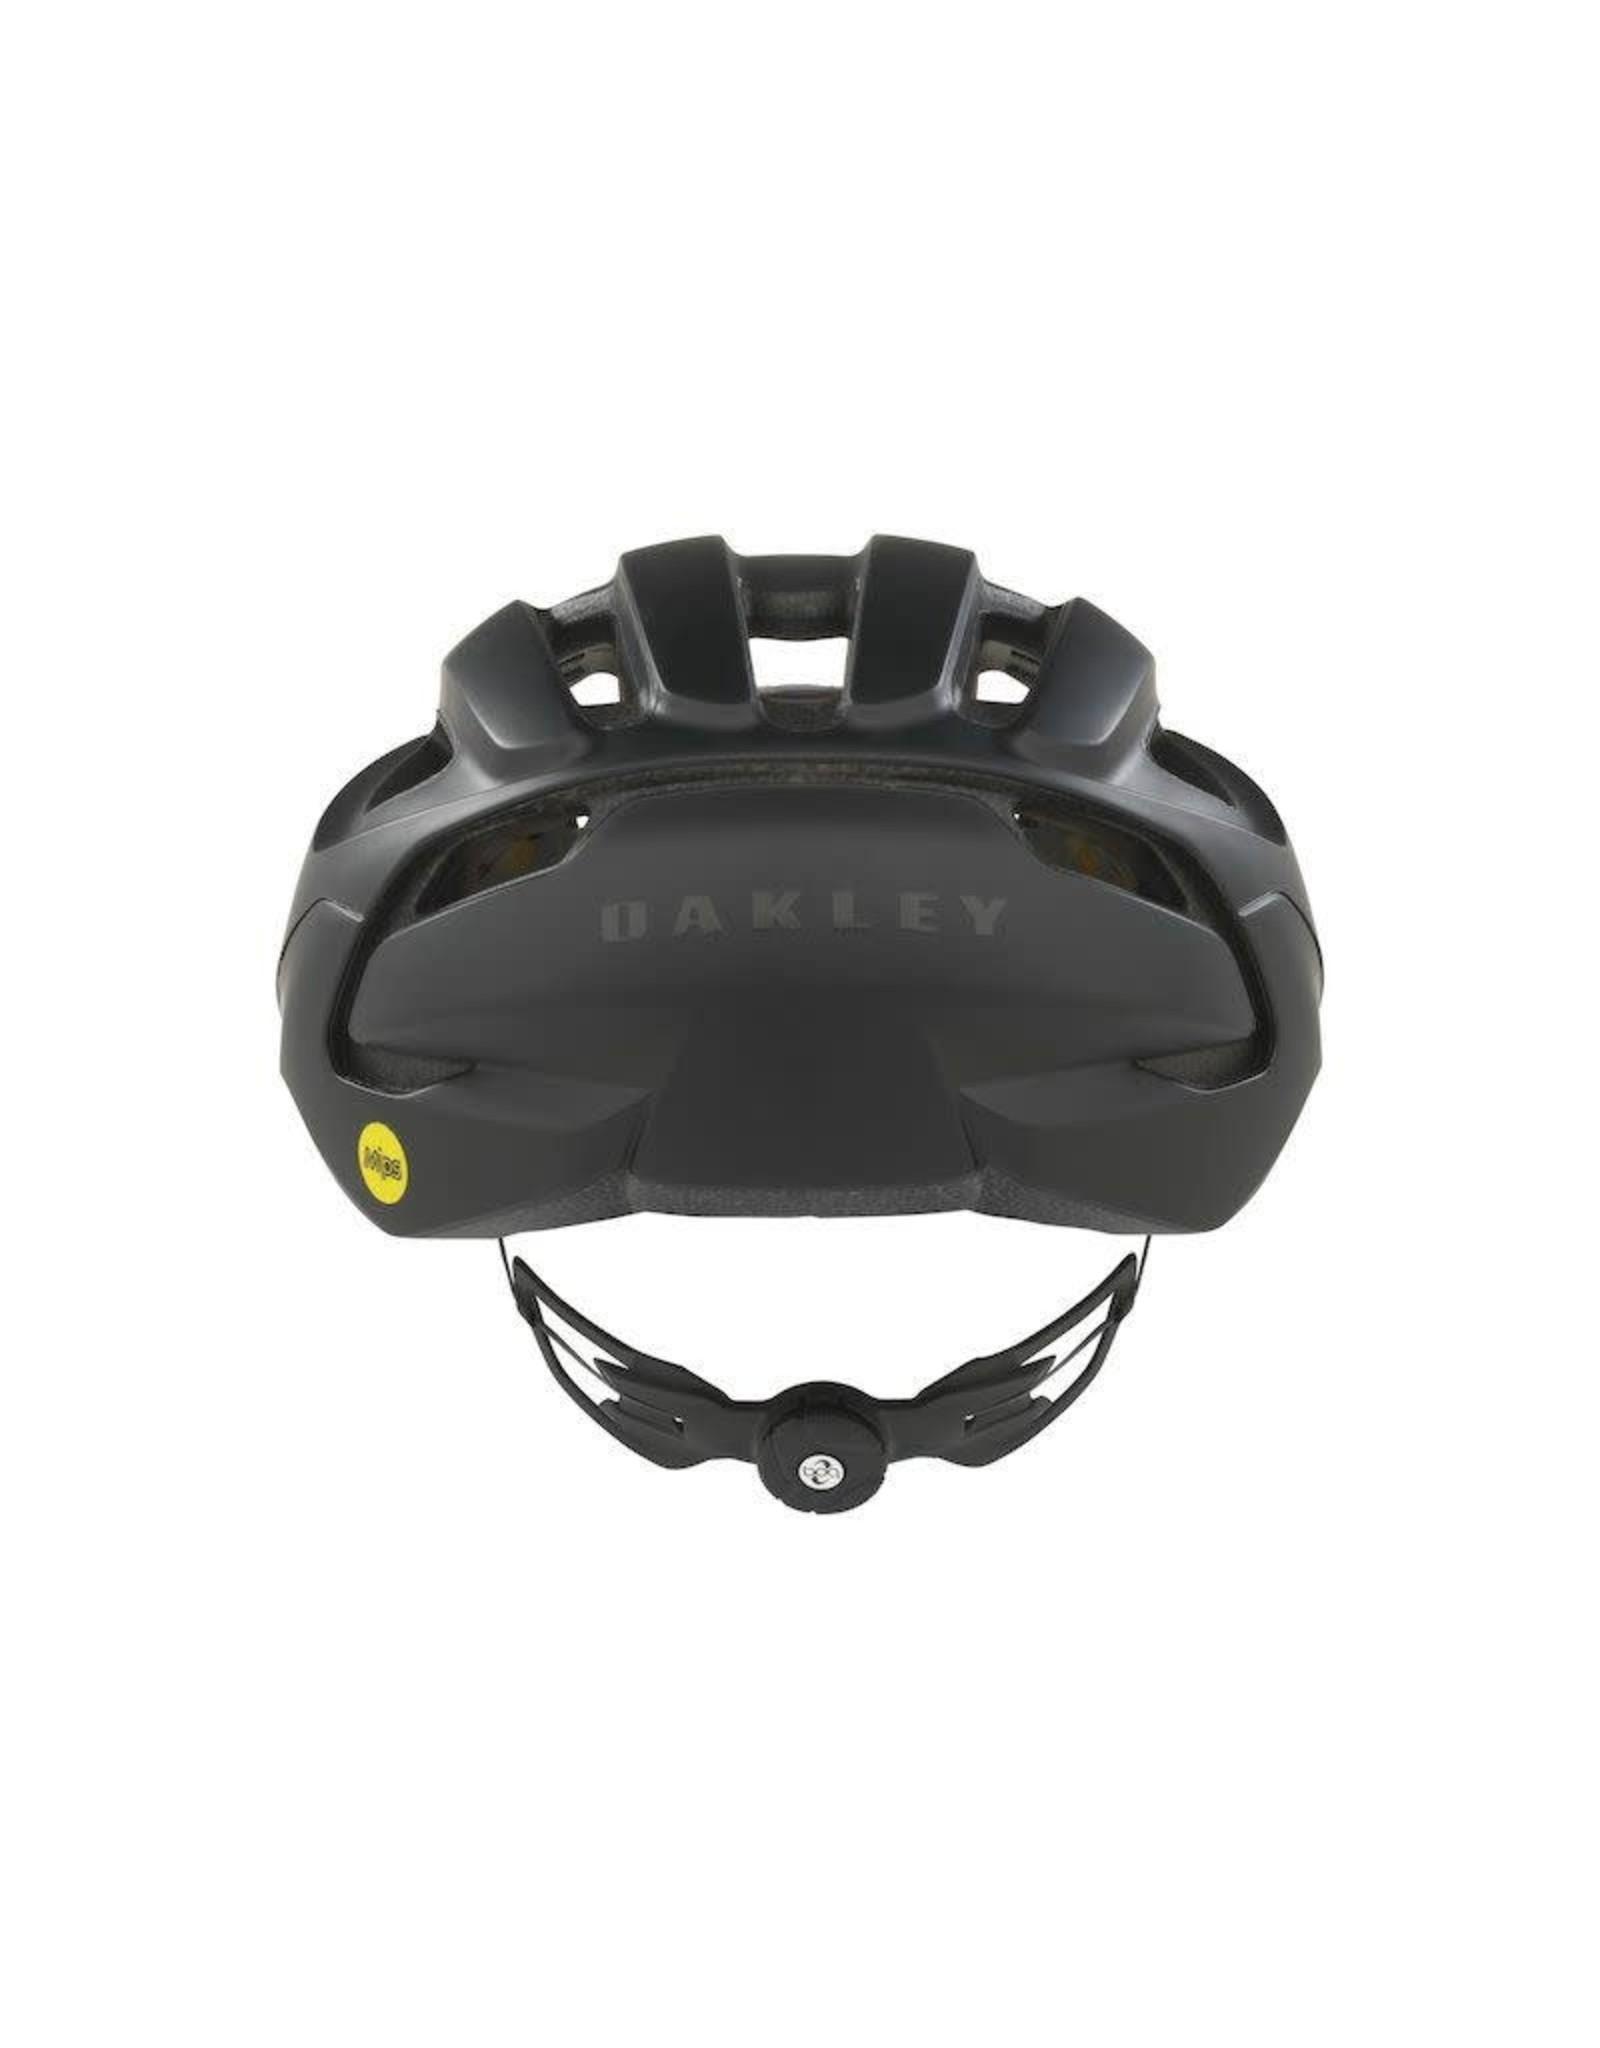 Oakley Helmet Oakley Aro 3 Blackout